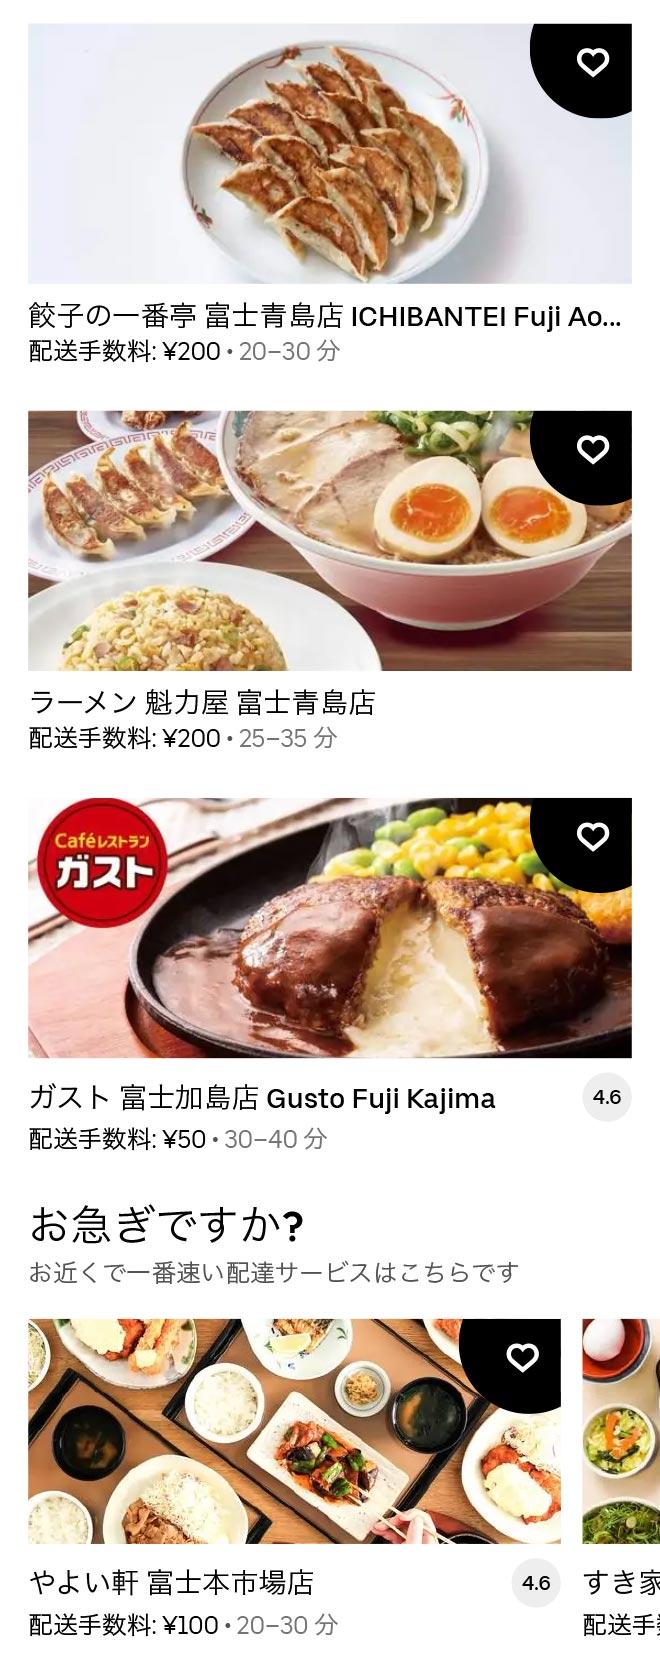 U fuji menu 2104 02